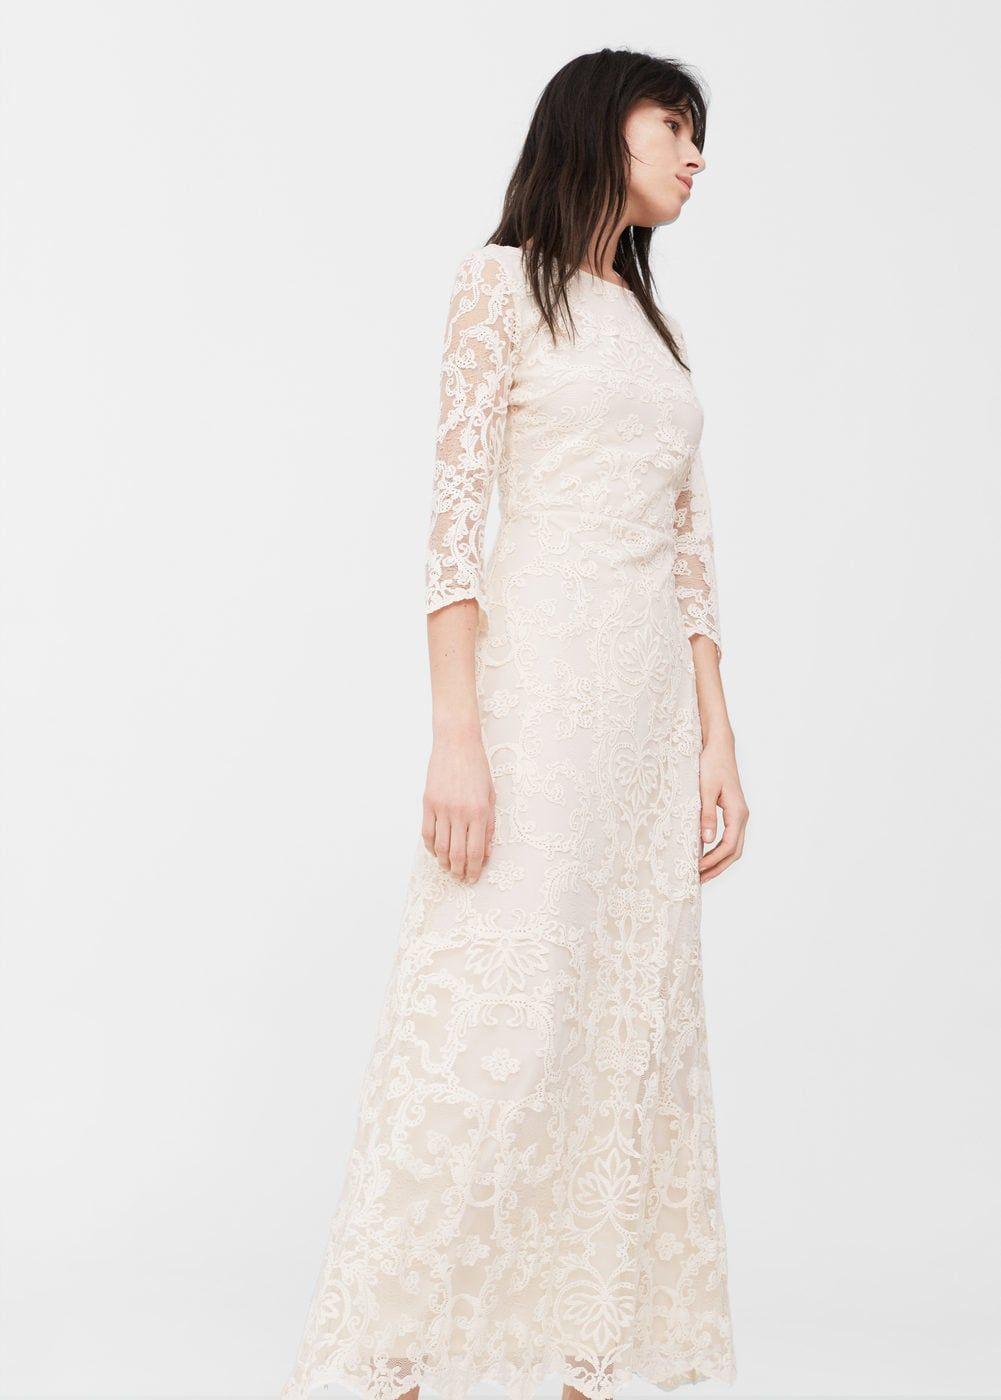 804cb81c93 Hosszú csipkés ruha | MANGO Inspiráció Az Esküvőhöz, Ruha, Esküvői Ruhák,  Női Divat